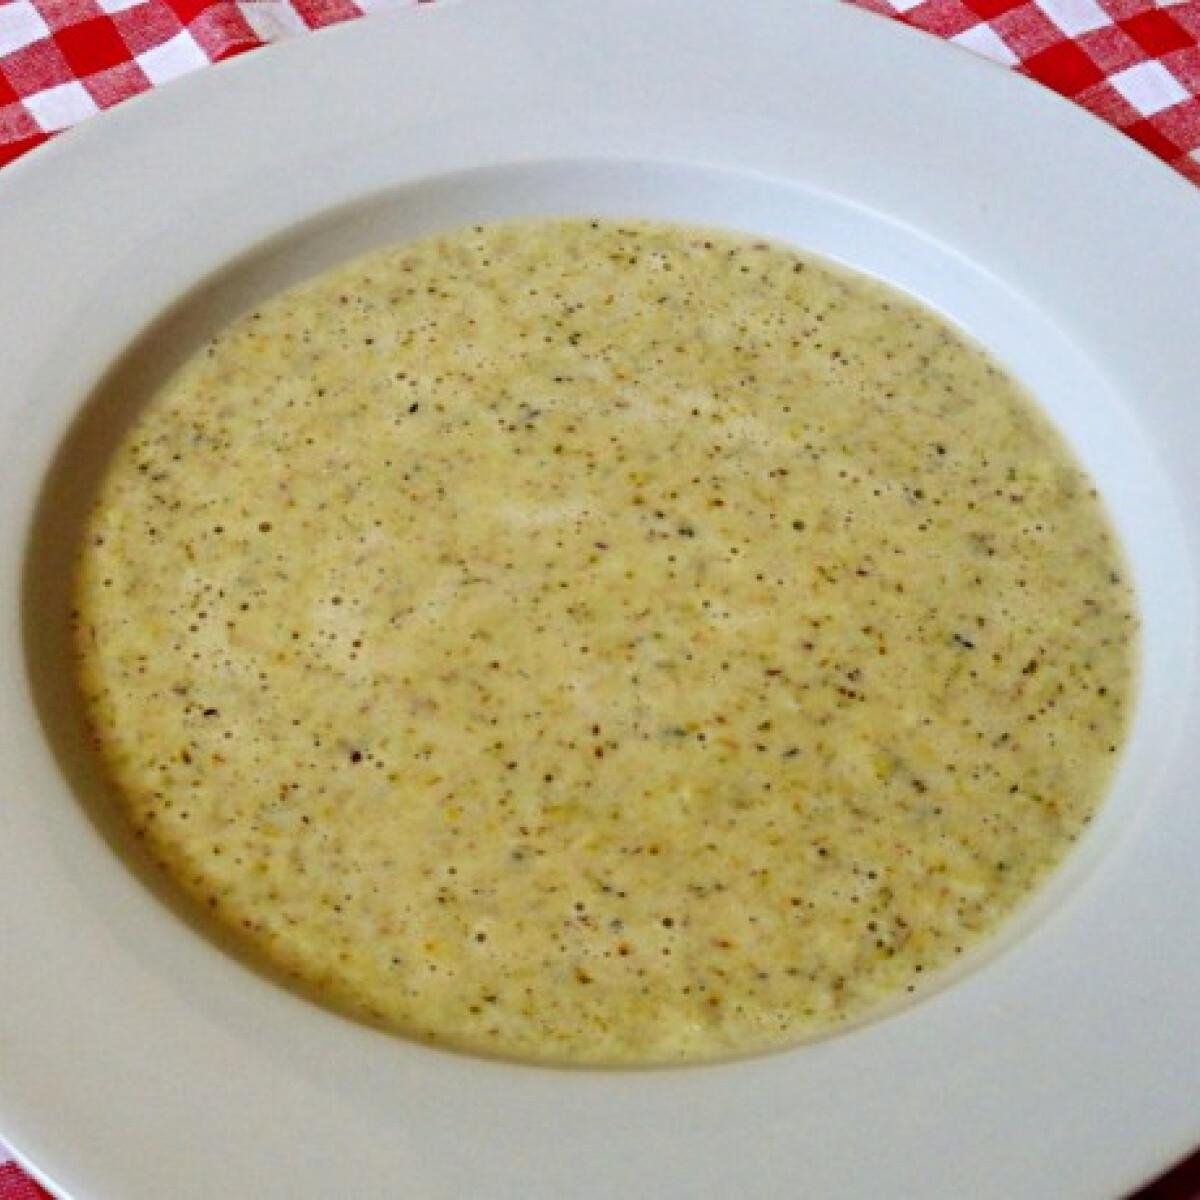 Ezen a képen: Pirítottbrokkoli-krémleves cheddar sajttal